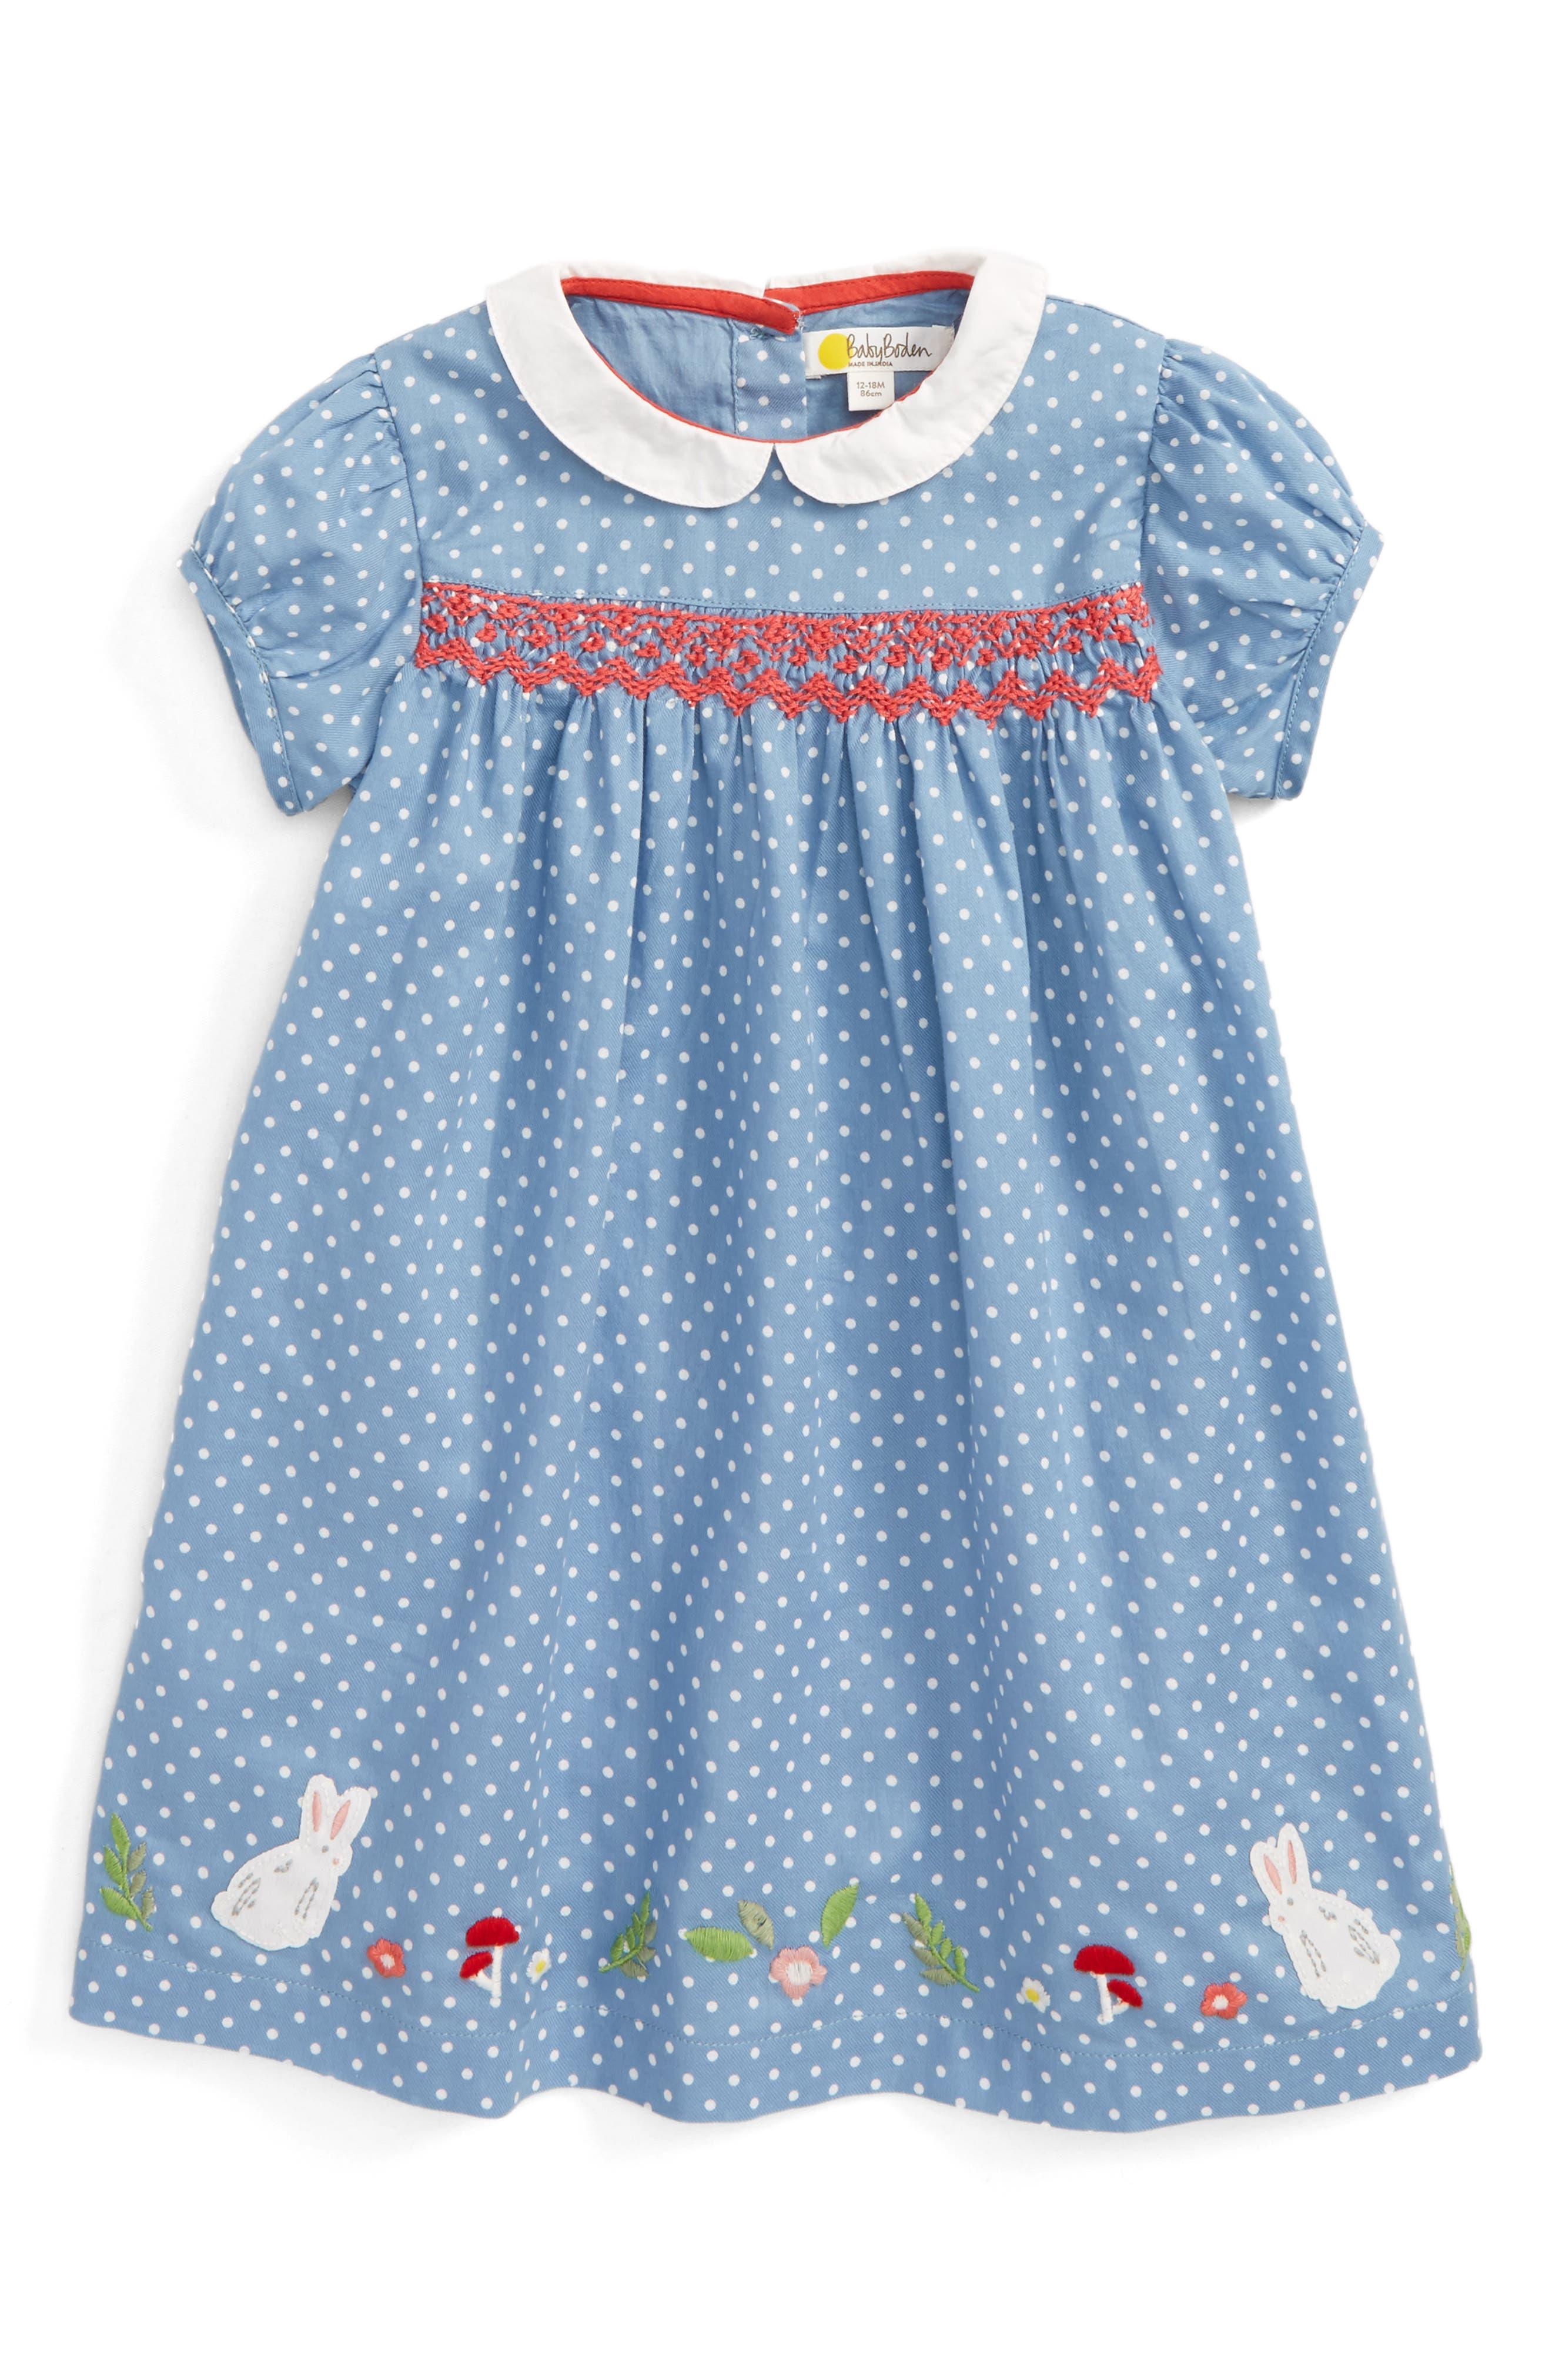 Alternate Image 1 Selected - Mini Boden Pretty Print Smocked Dress (Baby Girls & Toddler Girls)